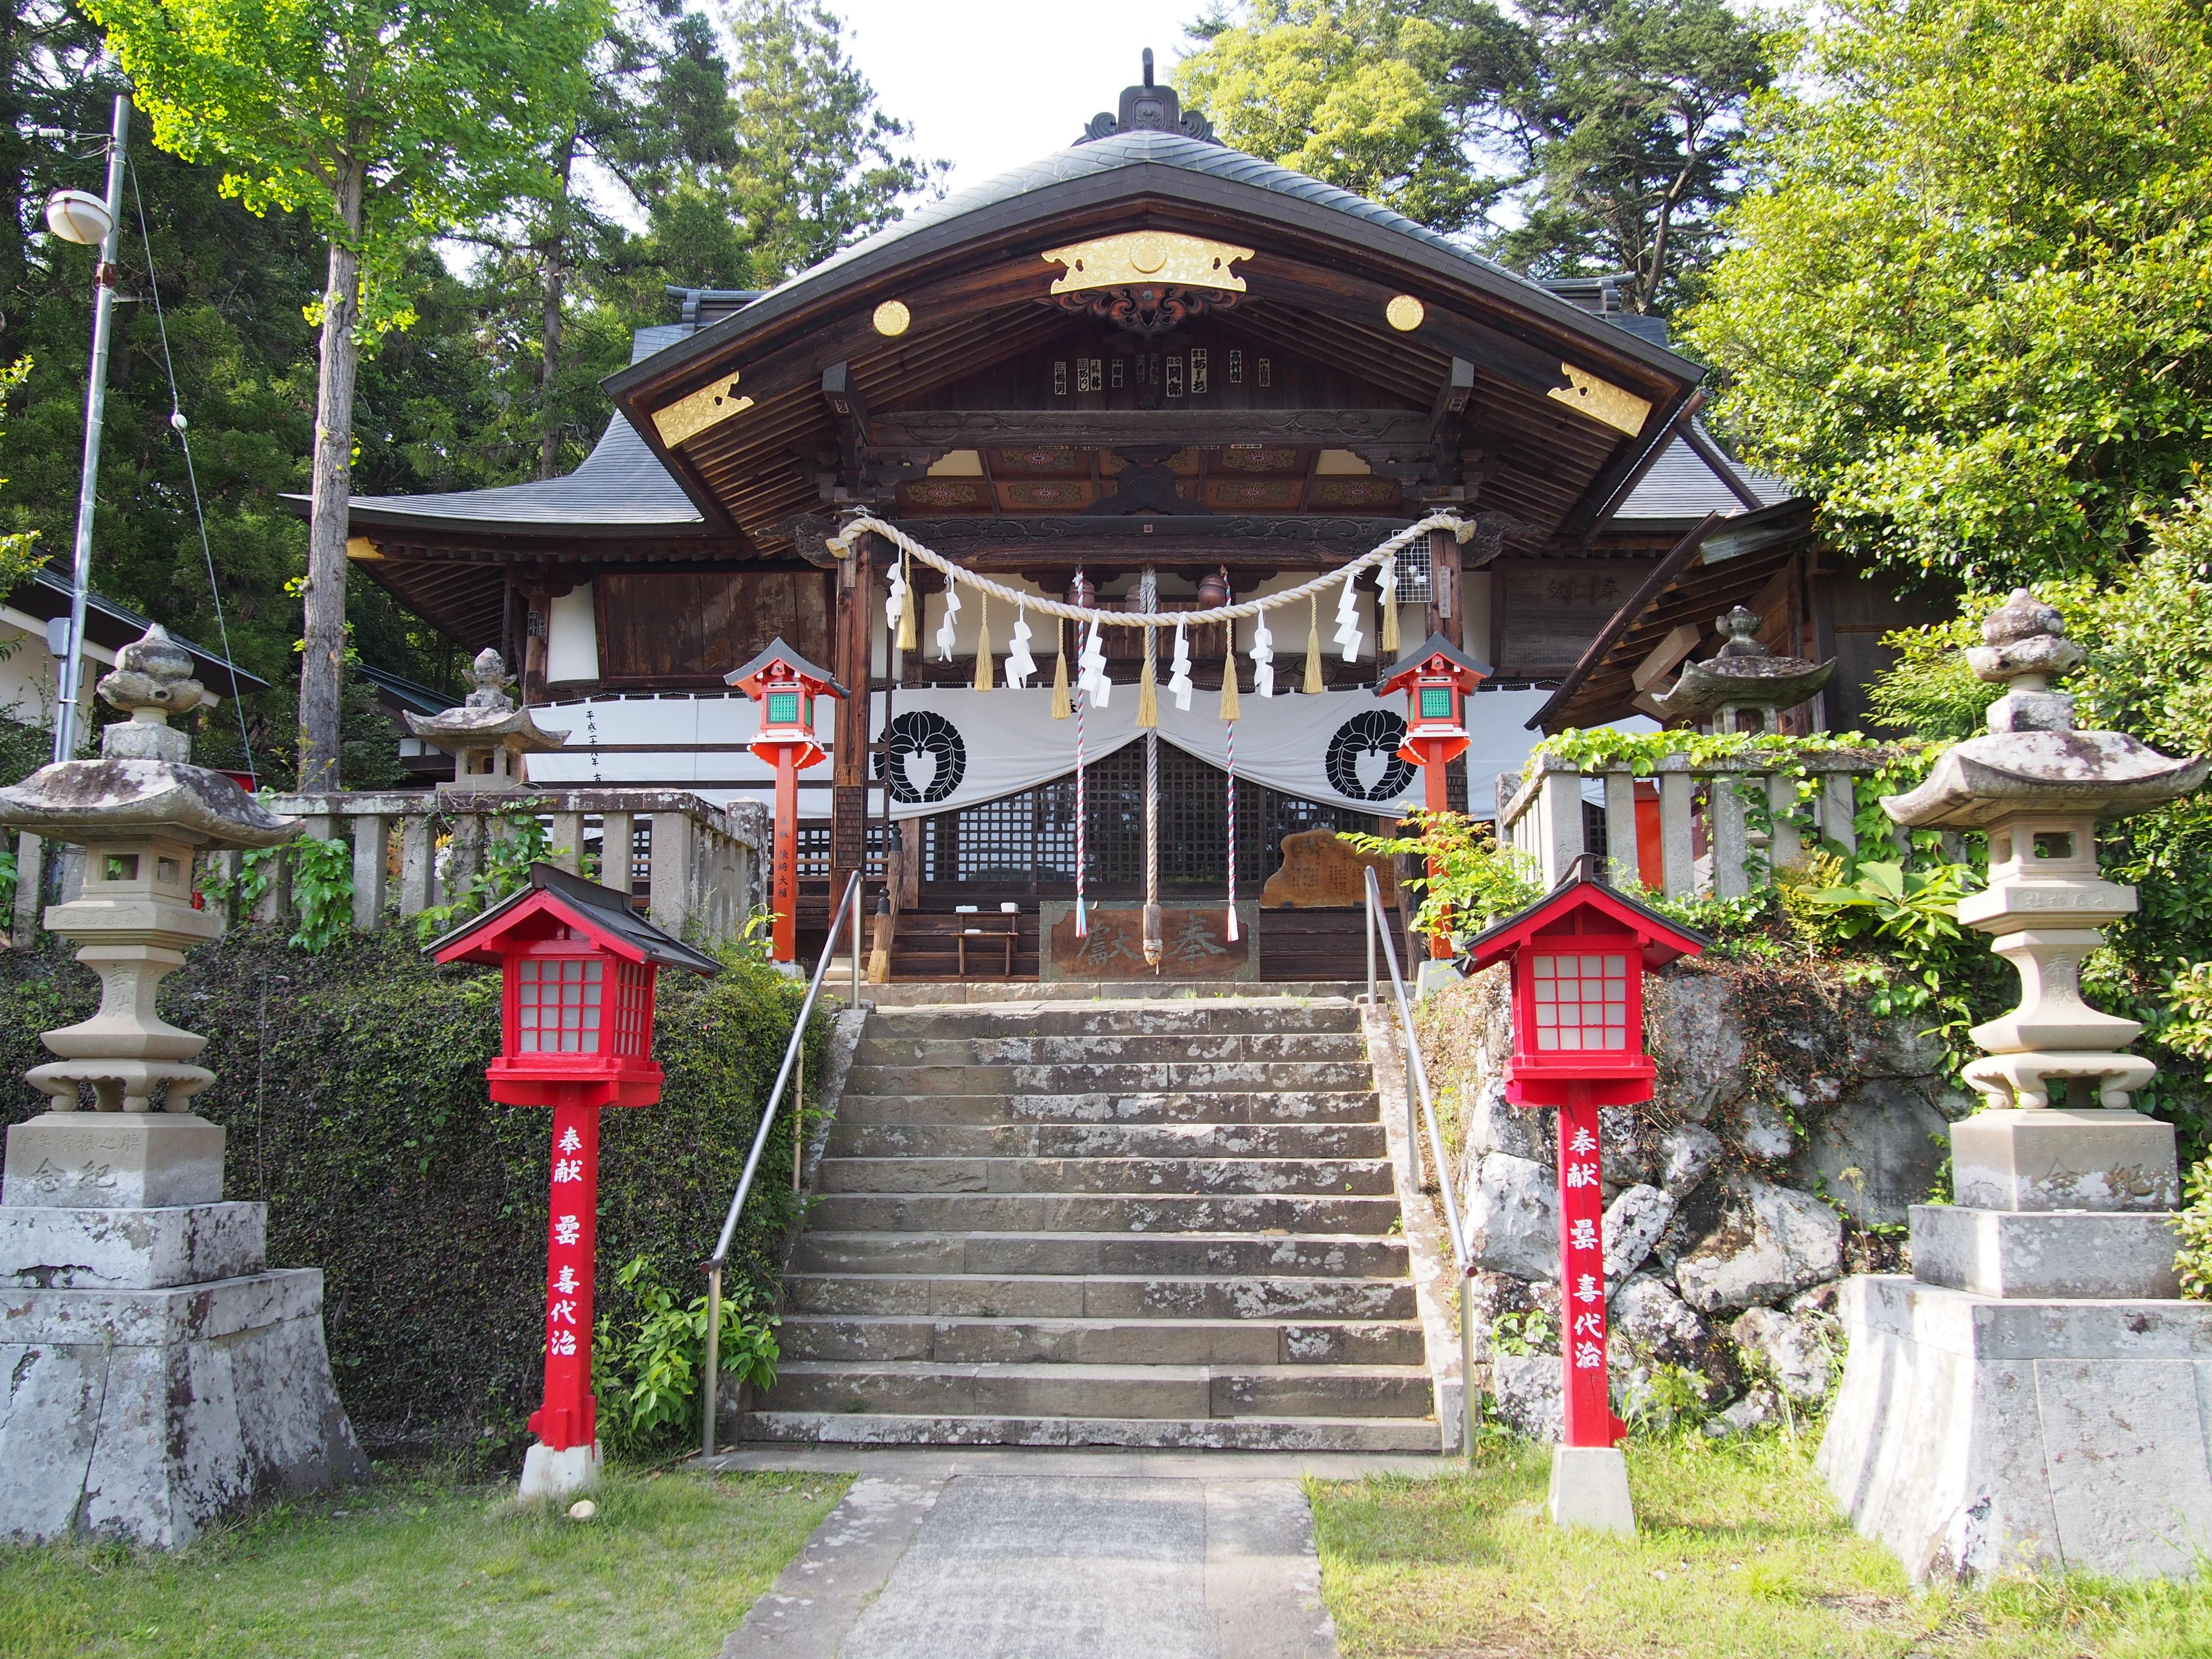 日本武尊伝説も あなたが知らない小鹿神社のアレコレ